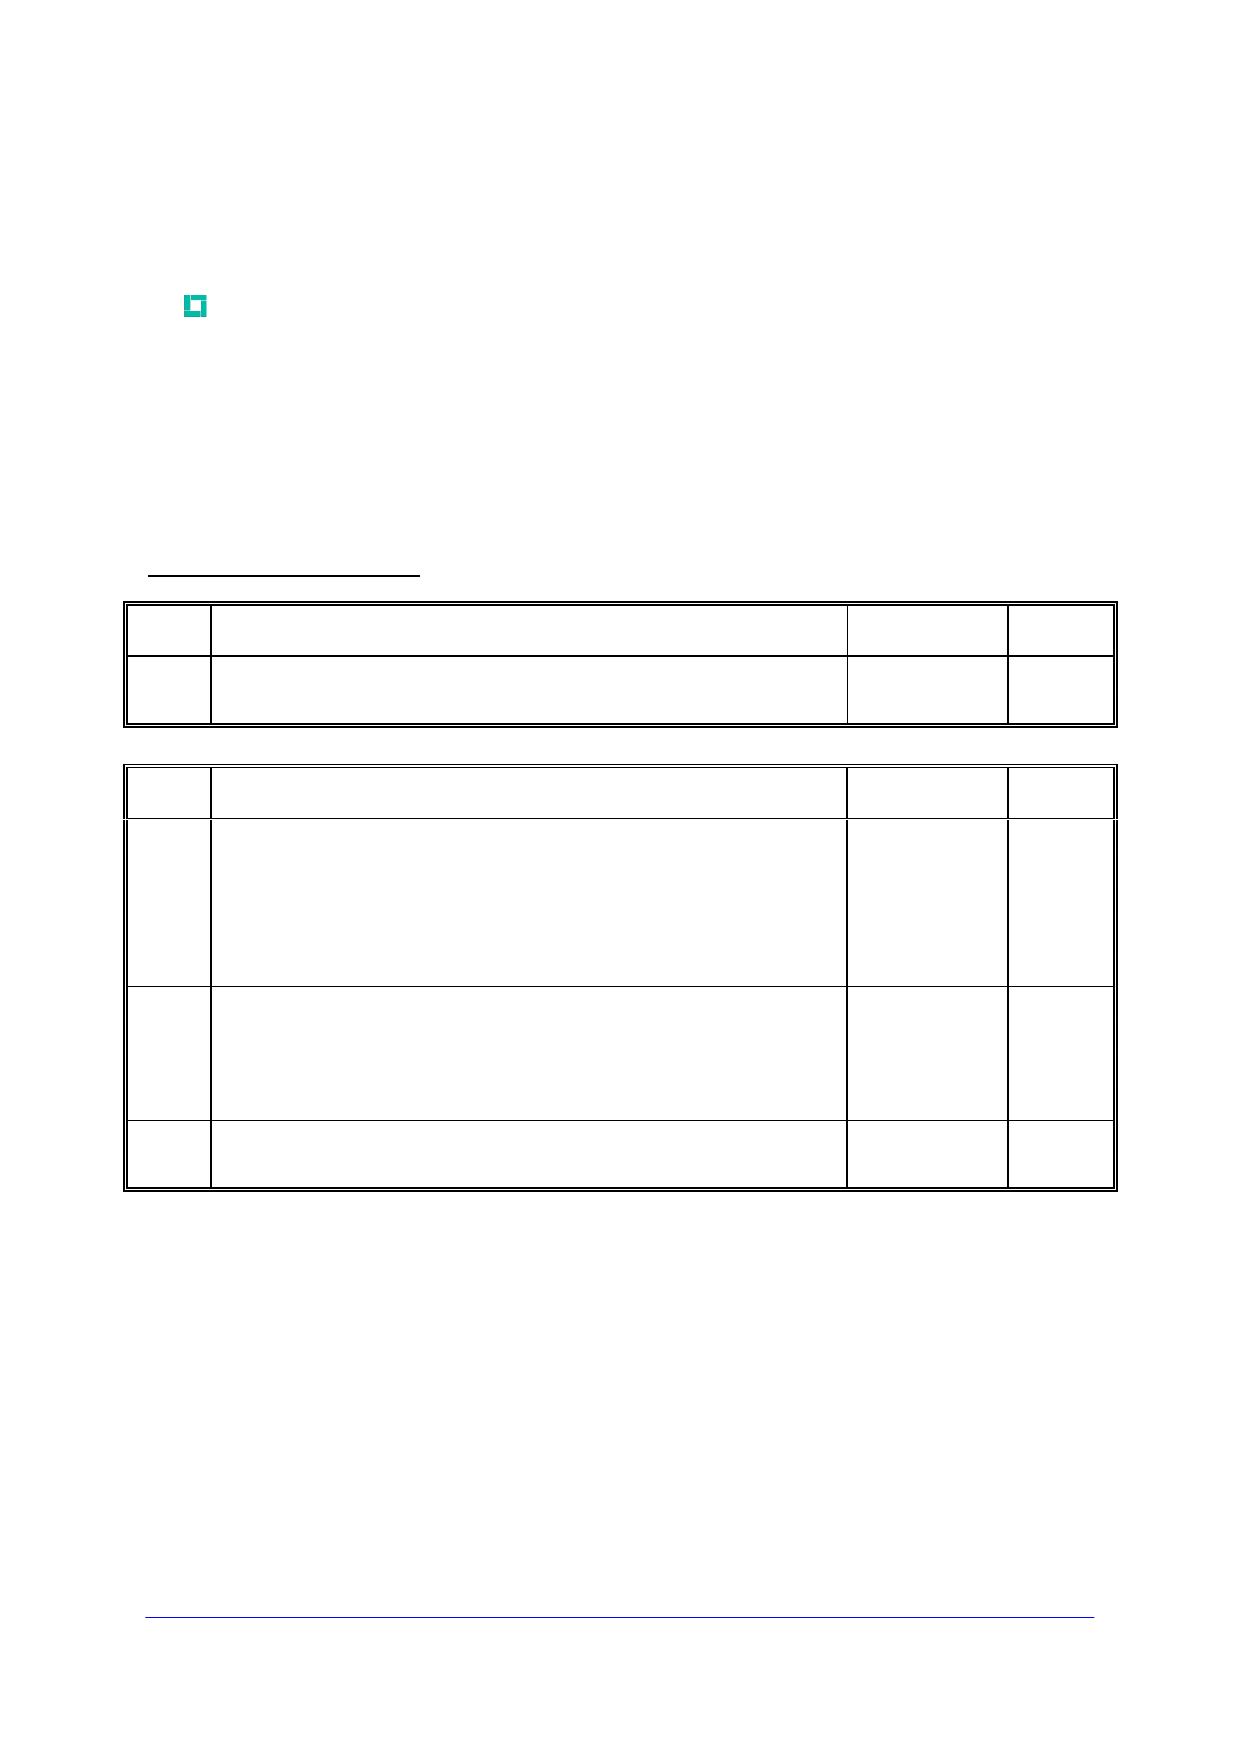 M0310YH320 دیتاشیت PDF